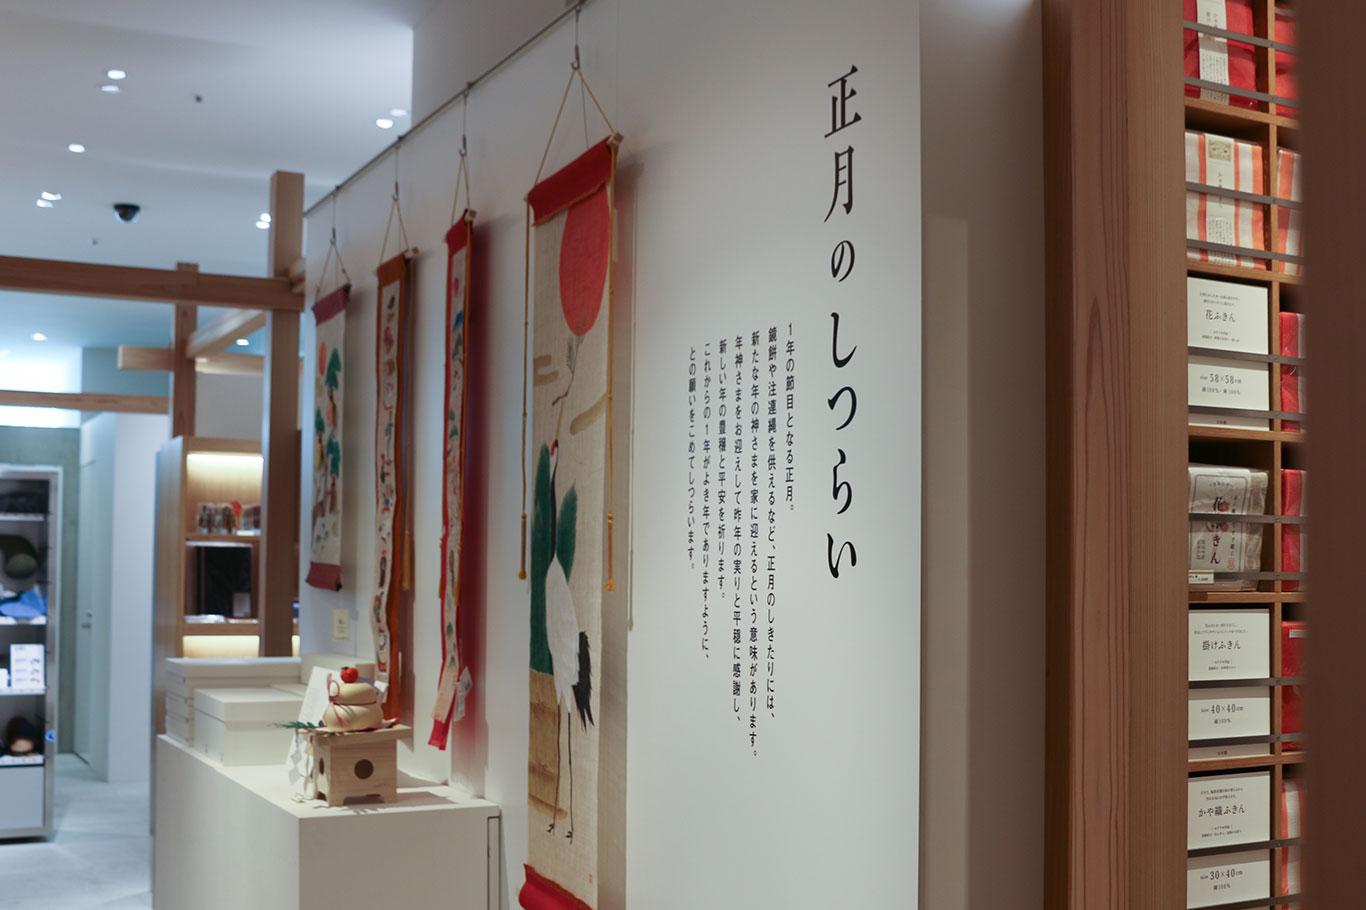 中川政七商店 渋谷店では「正月のしつらい」展が開催されています